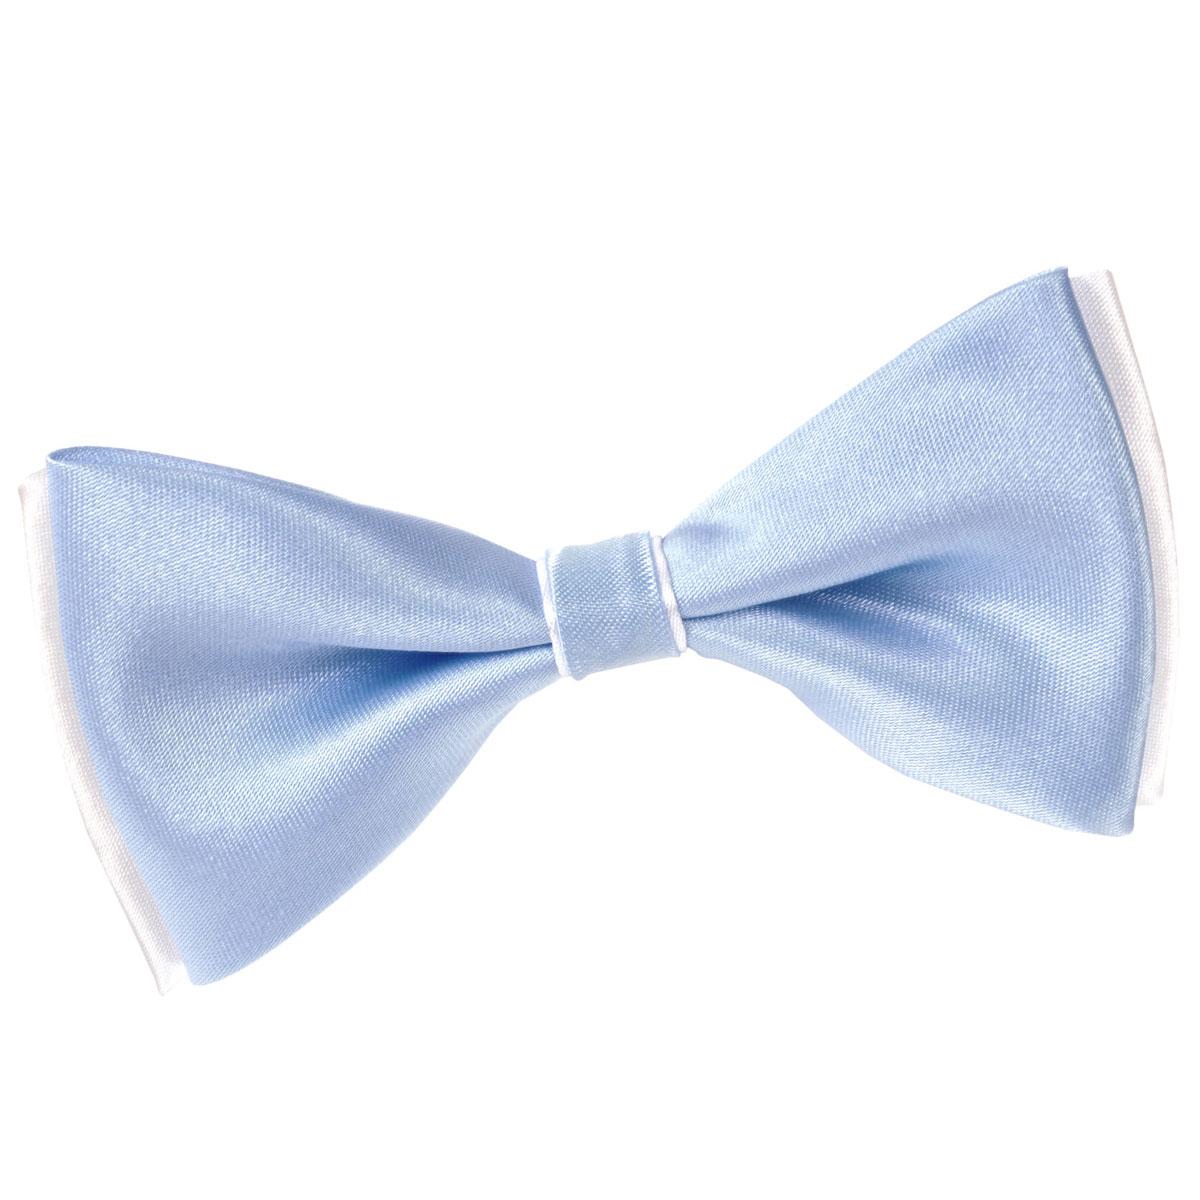 _Noeud-papillon-bicolore-bleu-ciel-blanc-dandytouch